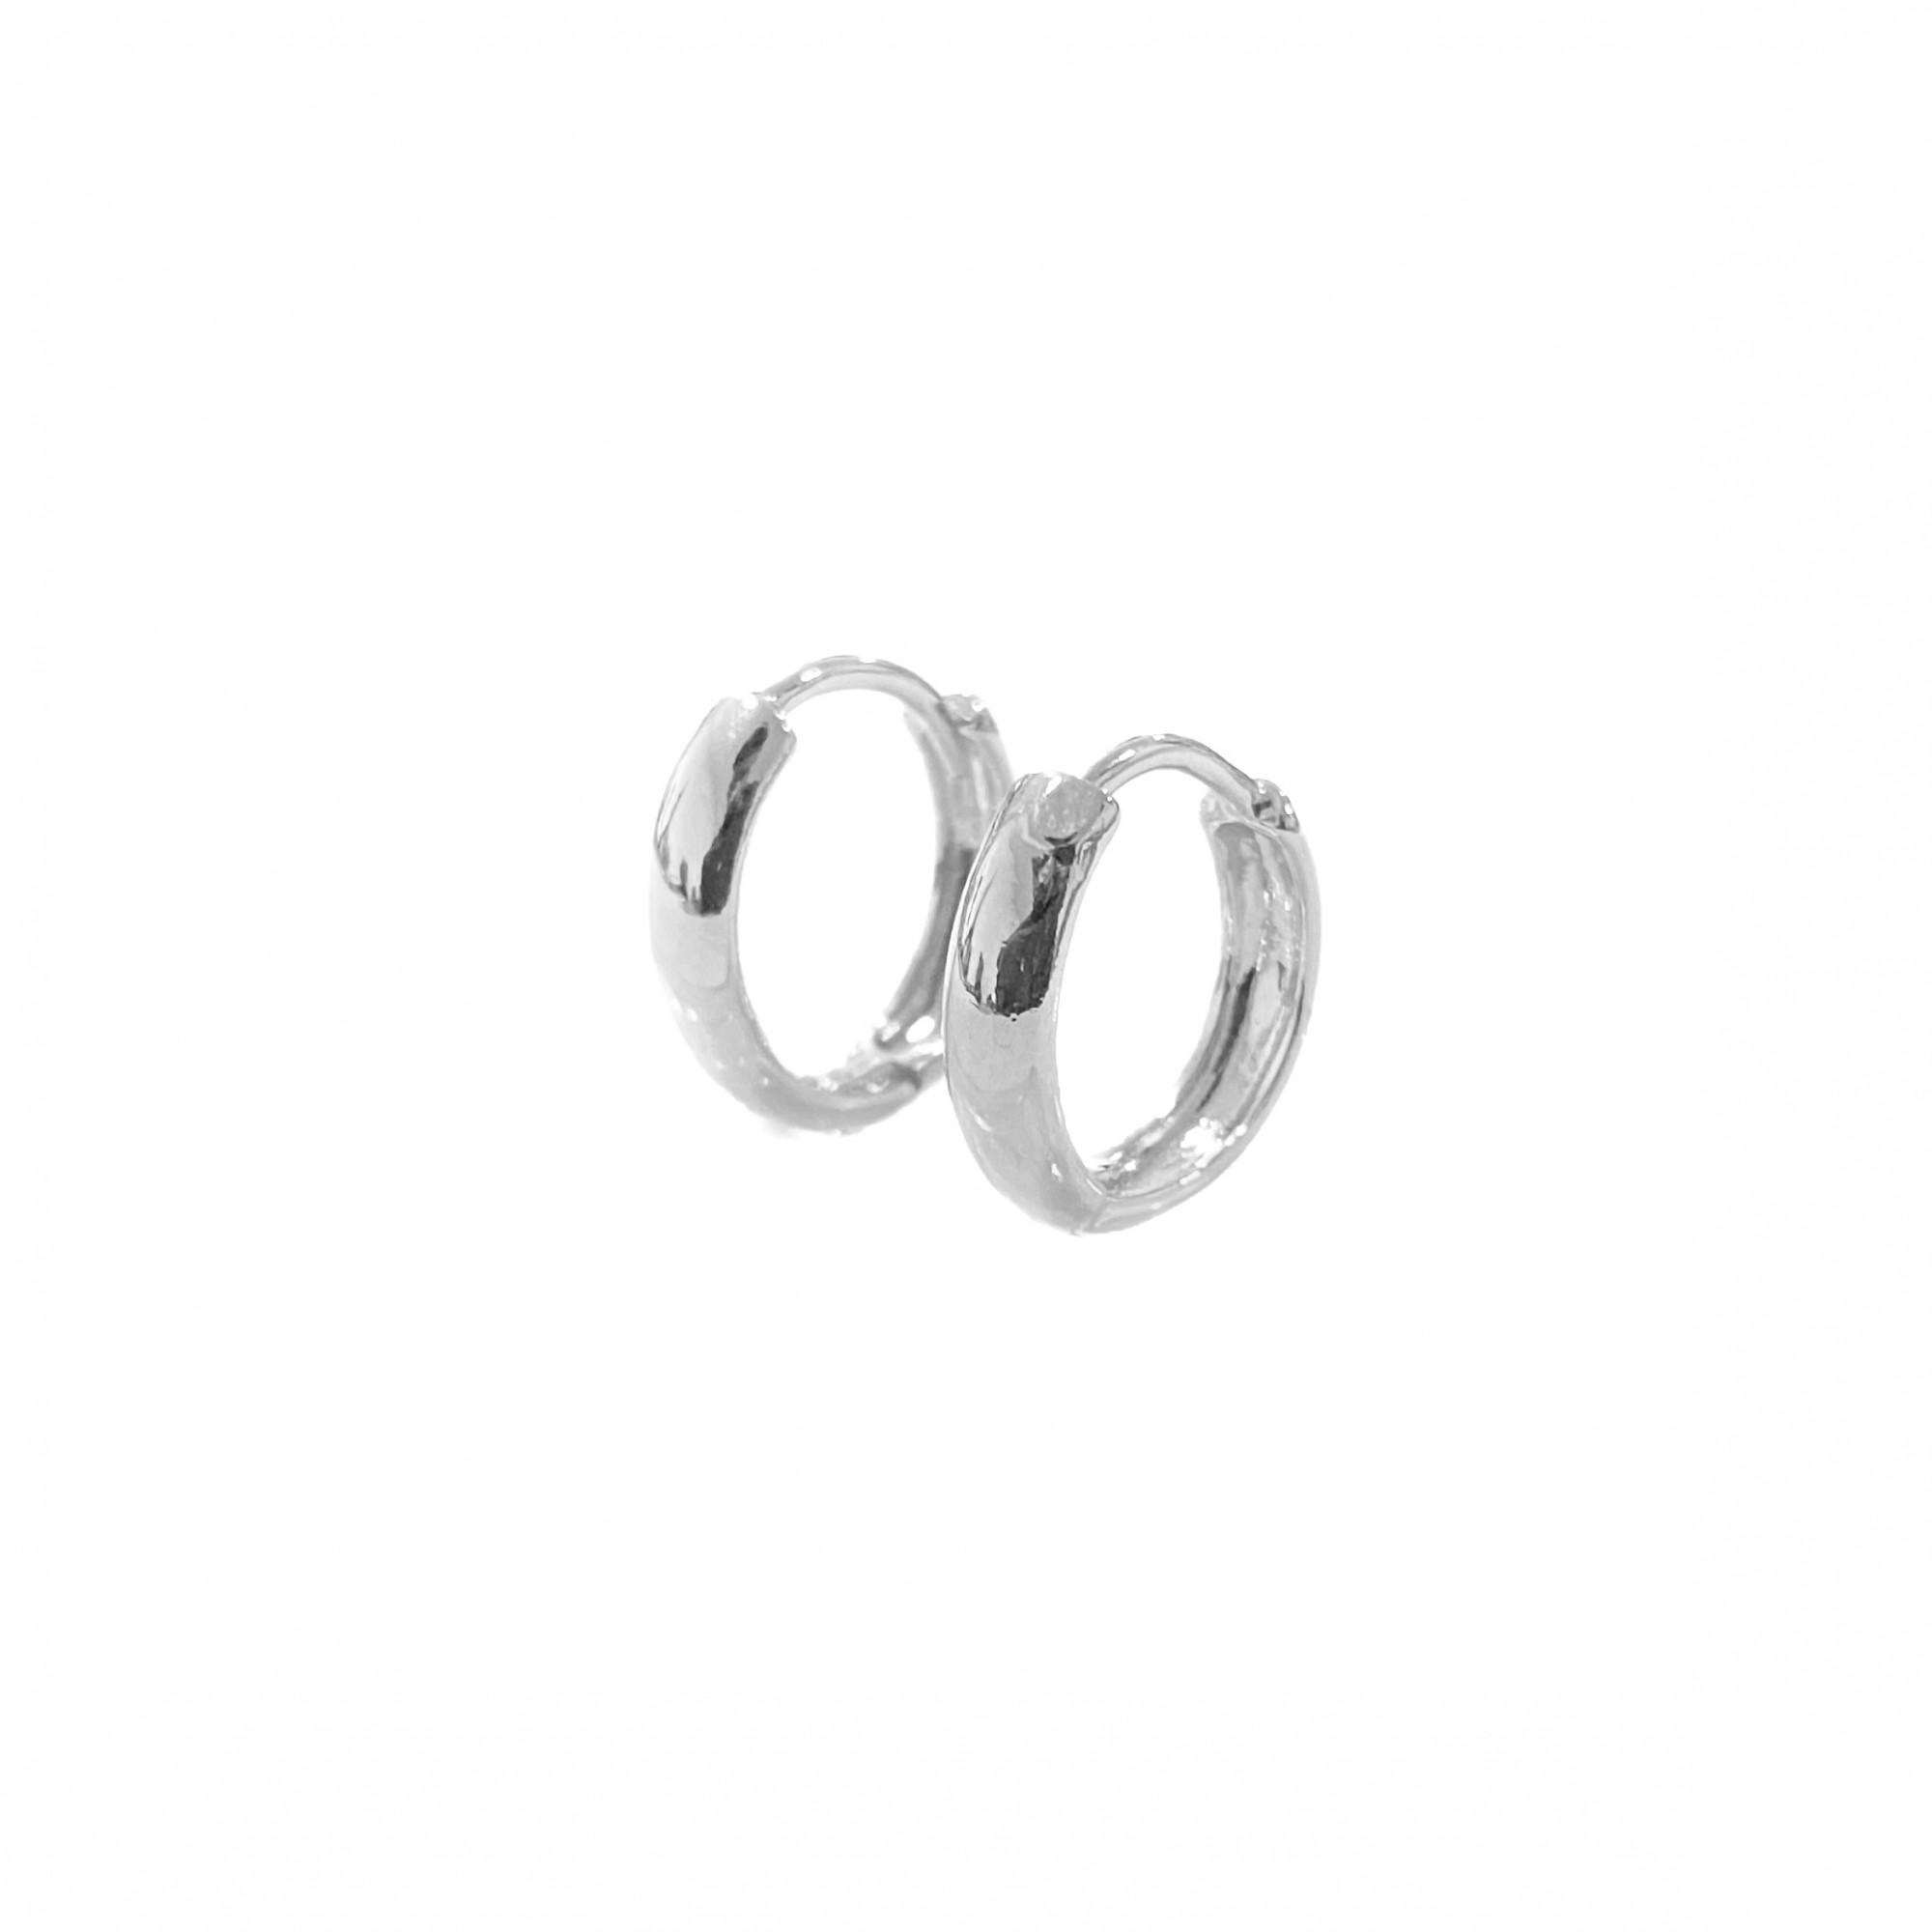 Brinco Argola Anatômica M (Banho Prata 925) (Piercing Hélix)